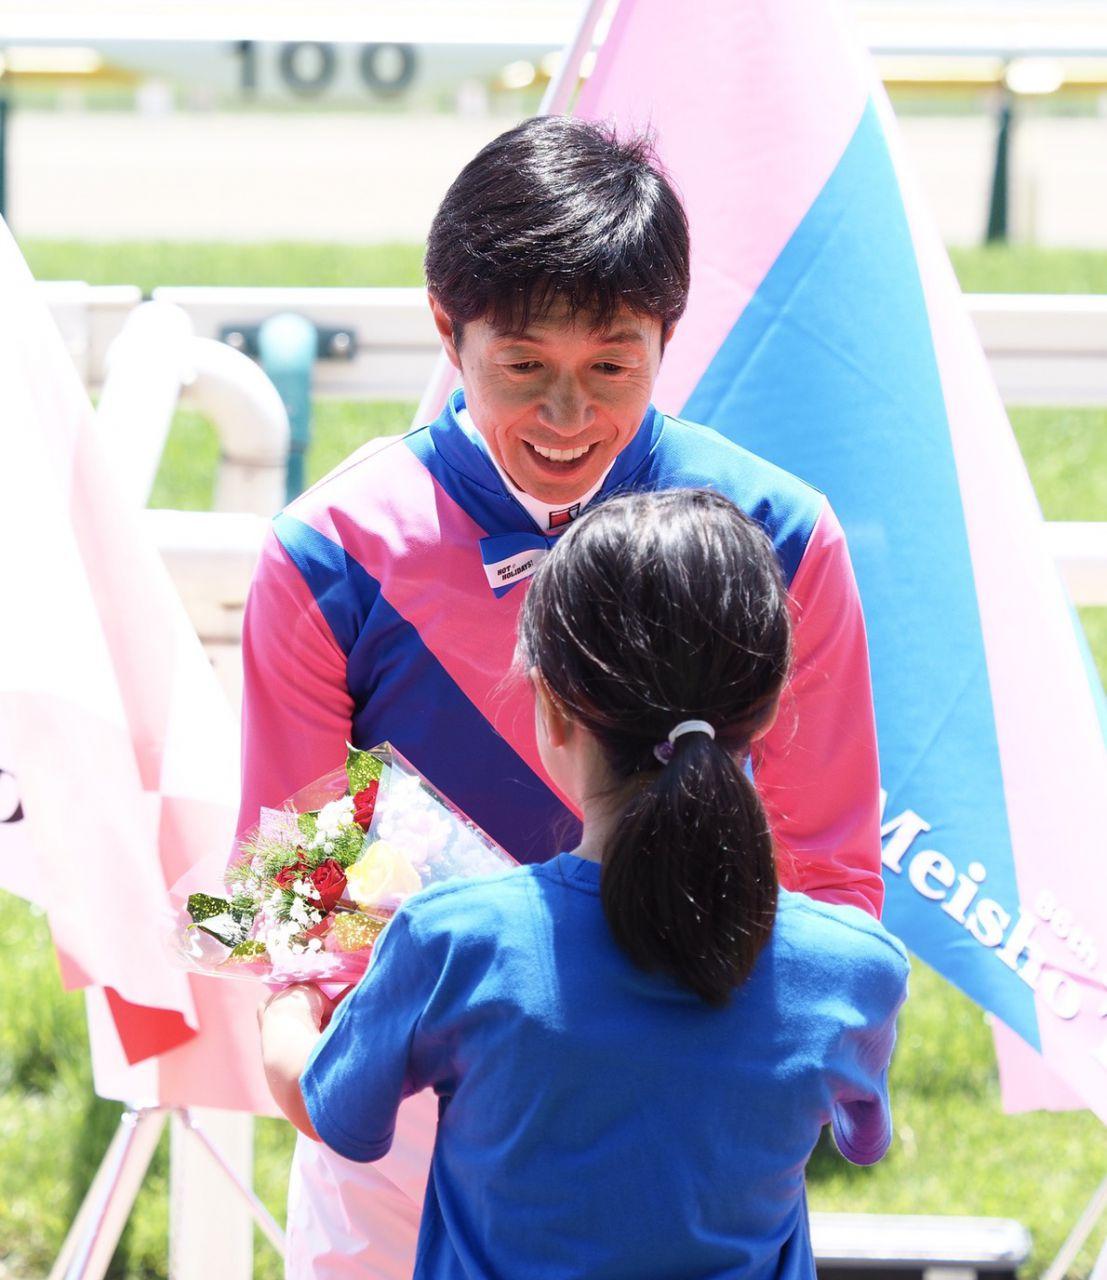 【葵S】福永「1200mの舞台で活躍してくれる」レース後 関係者コメント